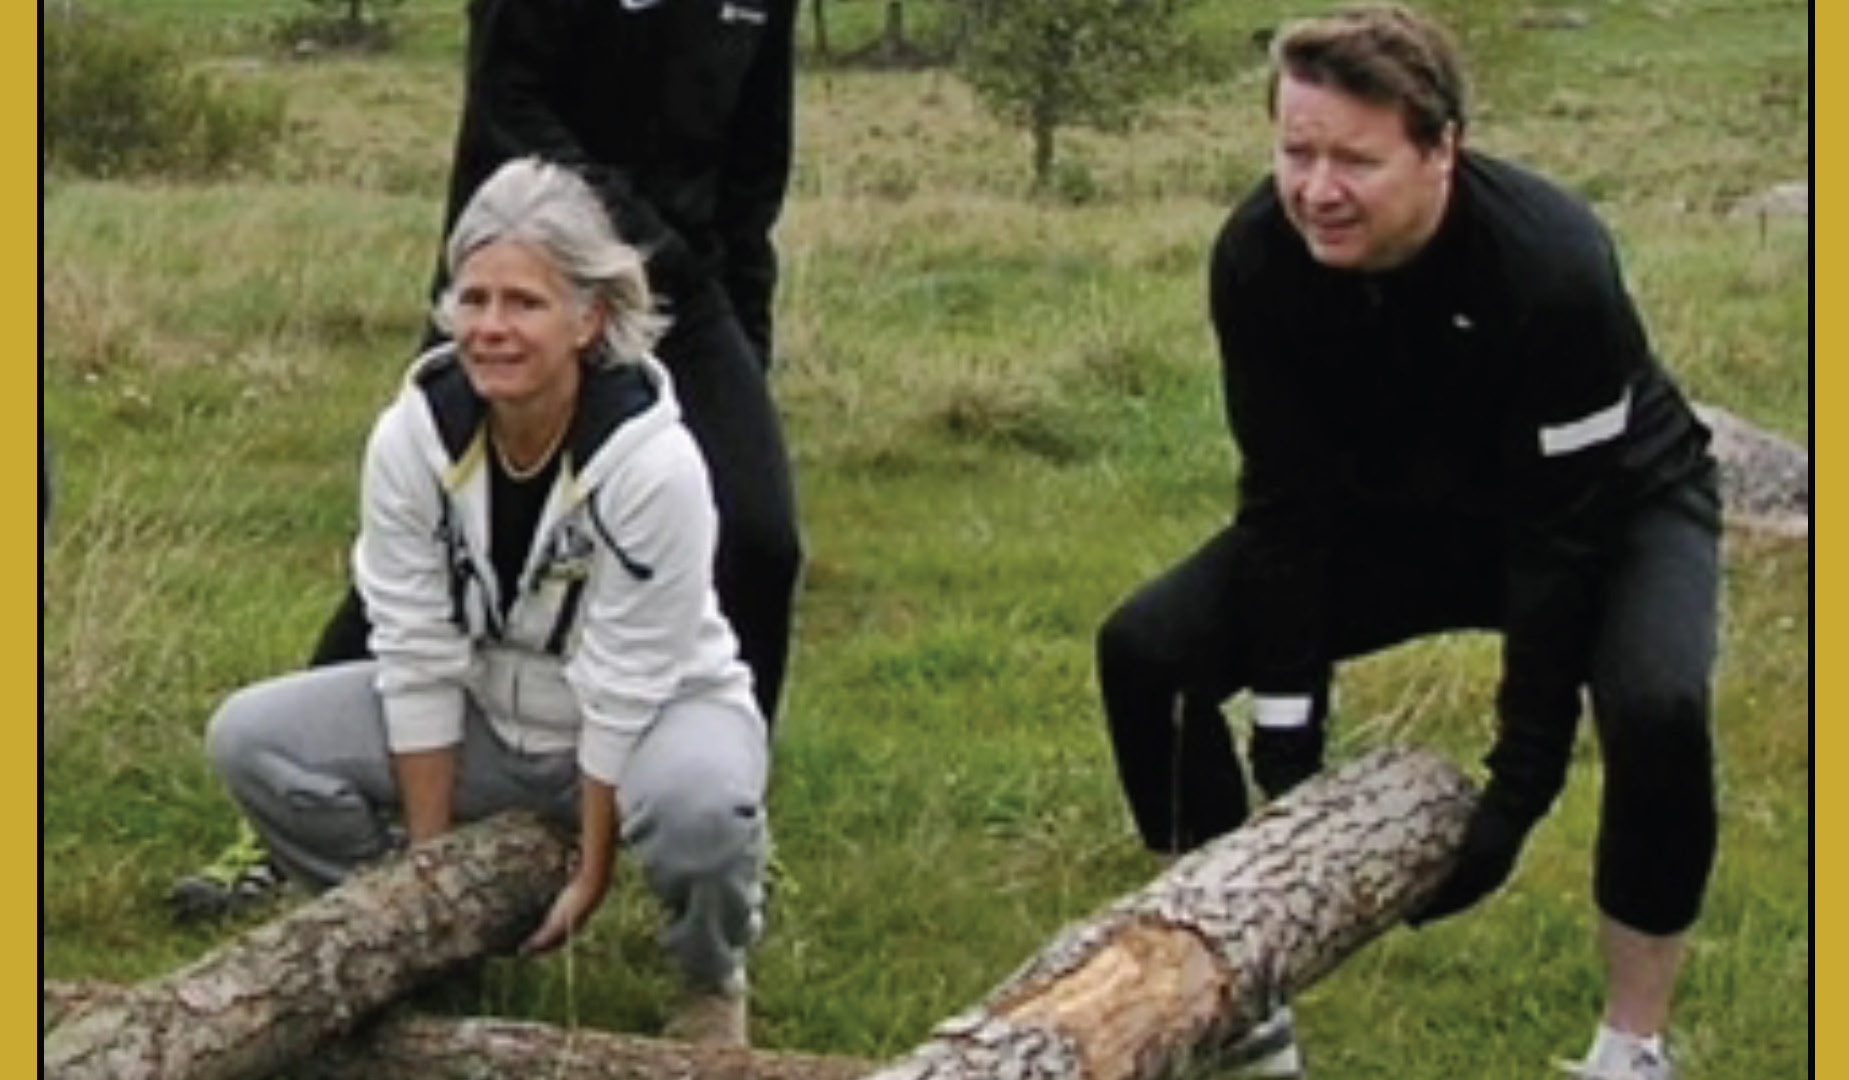 Go fitness on motorhome round-trip vacaciones en Suecia cultura escandinava Familia Amigos viajar autocaravana naturaleza deporte y fitness